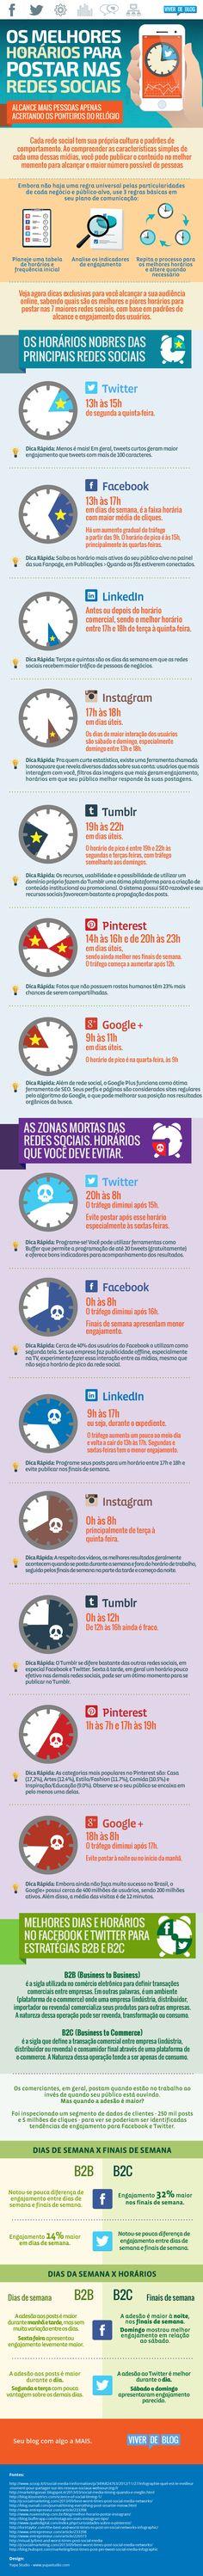 Infográfico: Melhores Horários para Postar nas Redes Sociais